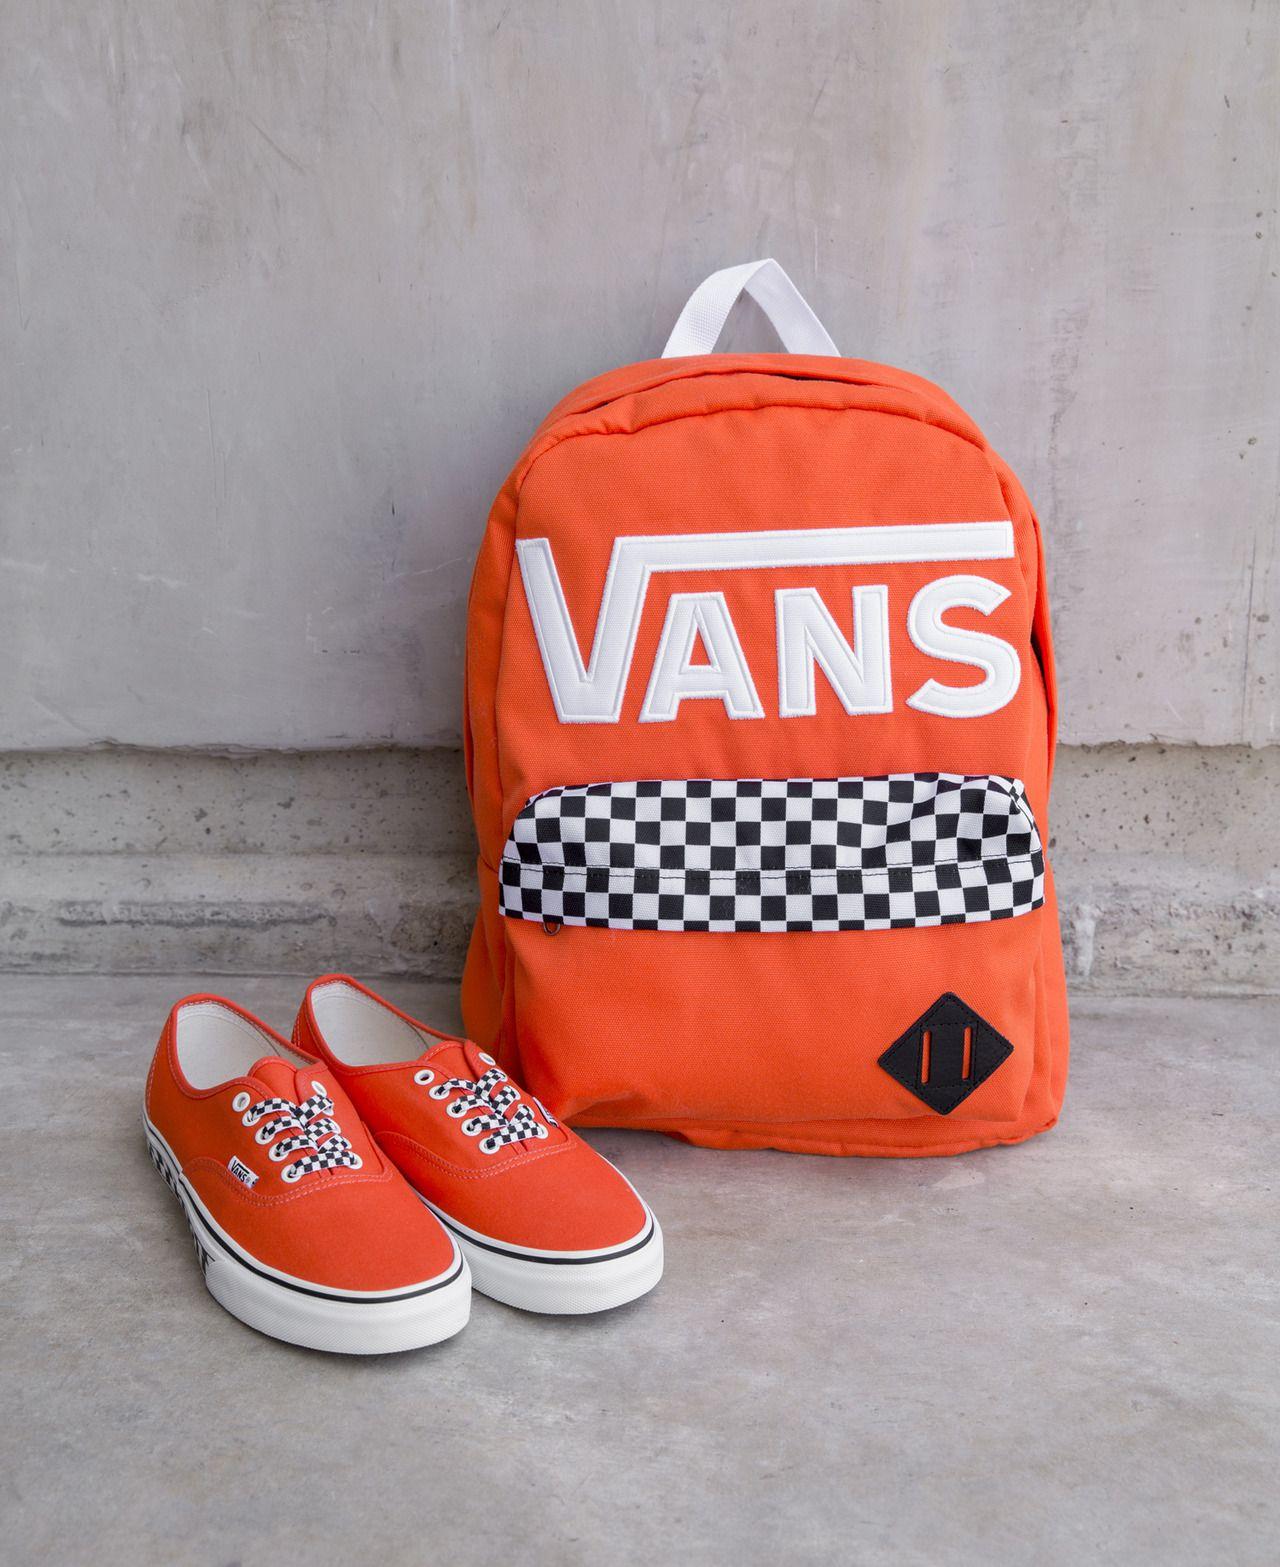 vans design your own backpack Dusmun